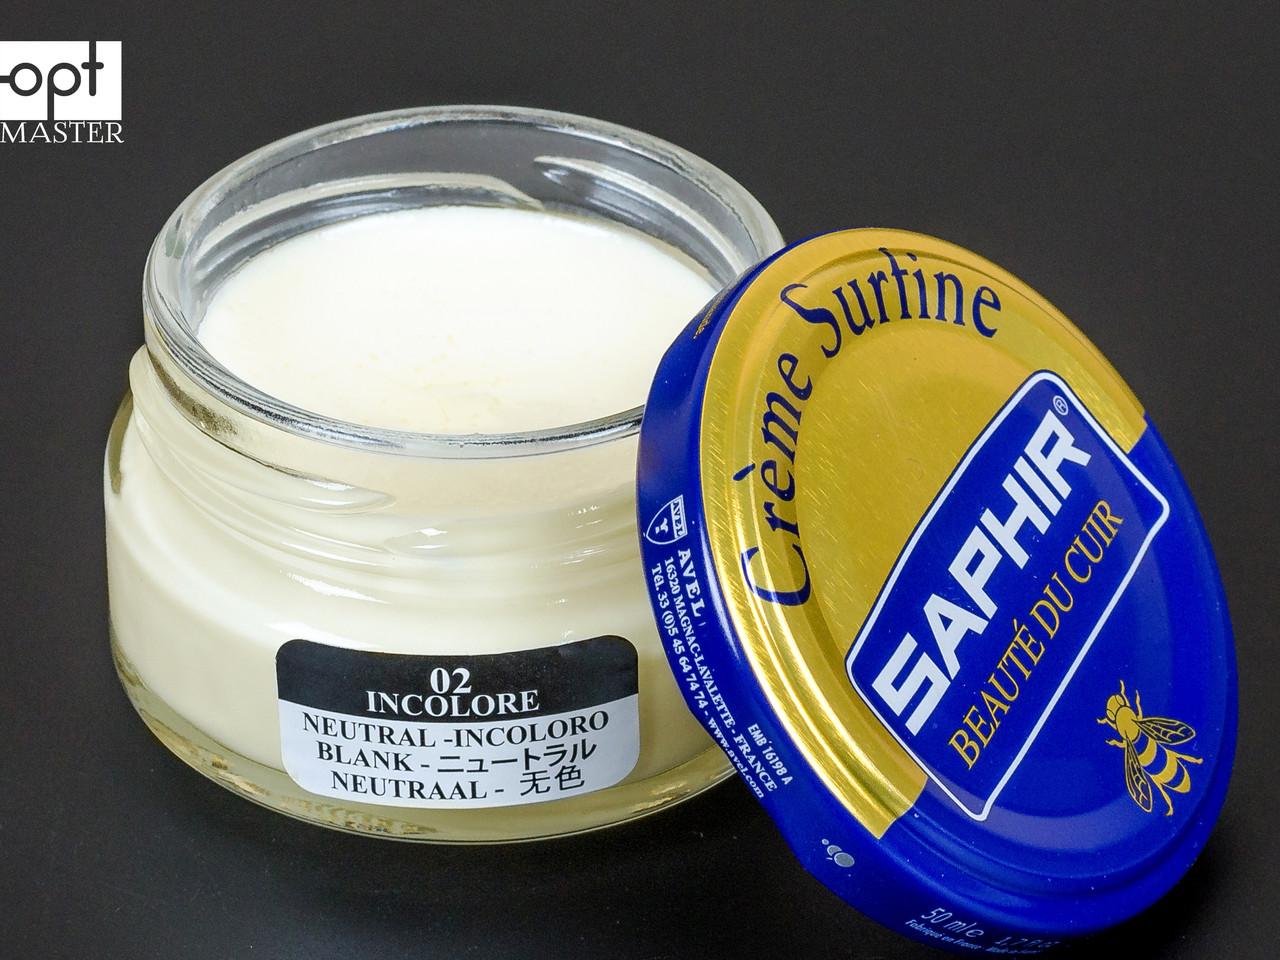 Увлажняющий крем для обуви Saphir Creme Surfine, цв. бесцветный (02), 50 мл (0032)